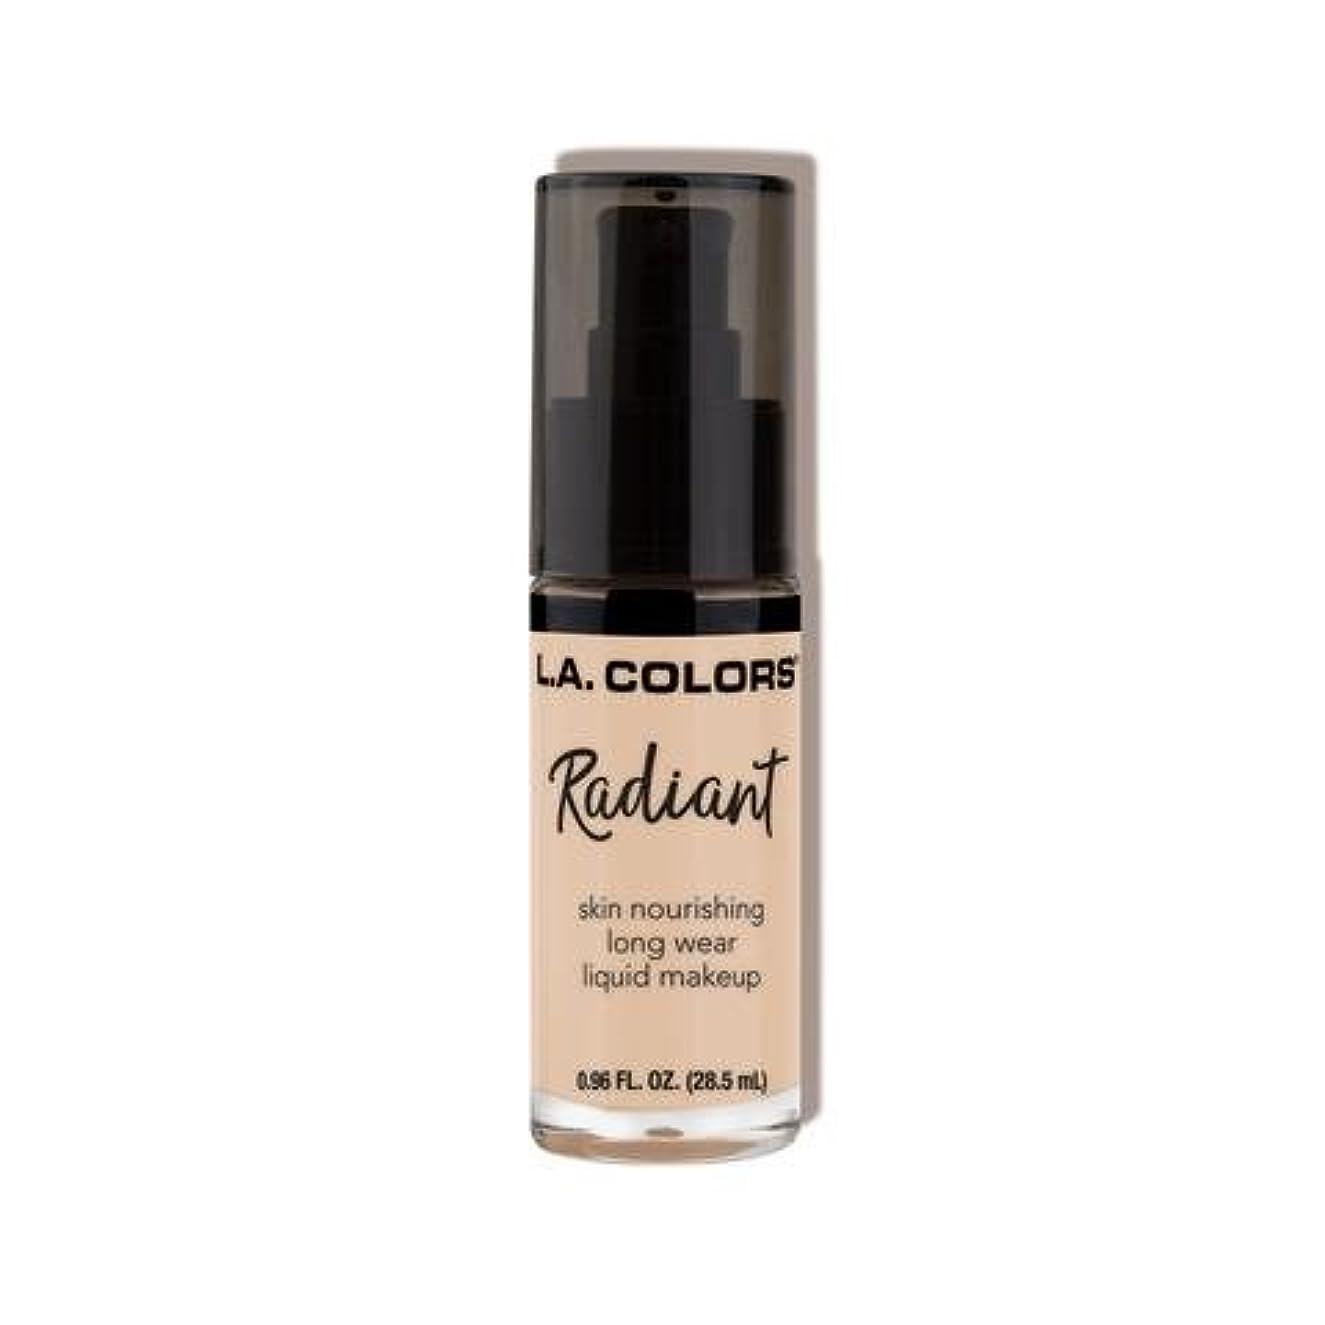 マエストロ遅れ爆発物(6 Pack) L.A. COLORS Radiant Liquid Makeup - Vanilla (並行輸入品)